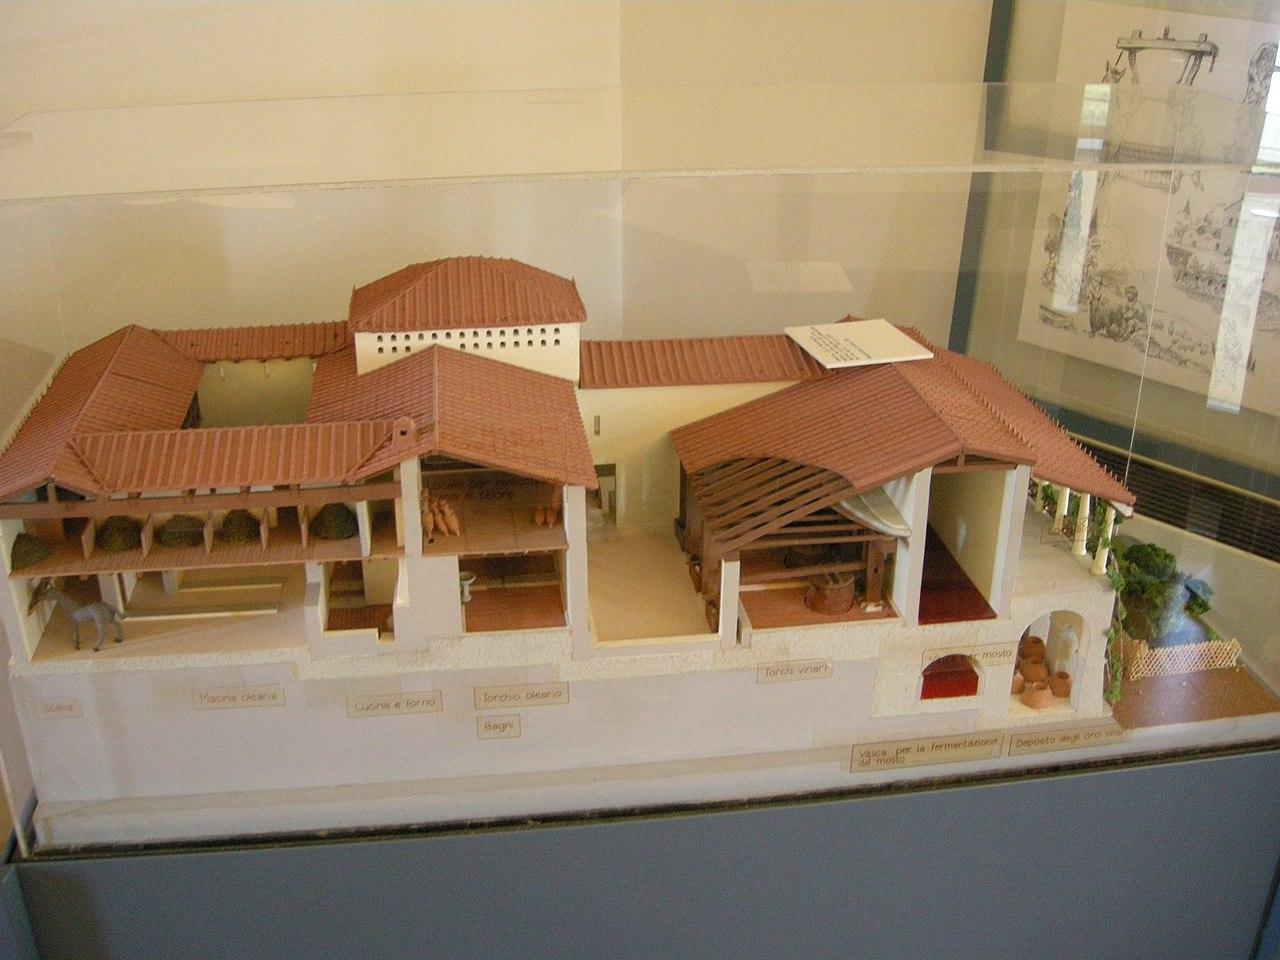 Ricostruzione della villa di Settefinestre a Orbetello (Museo archeologico di Rosignano Marittimo, foto di I, Sailko)